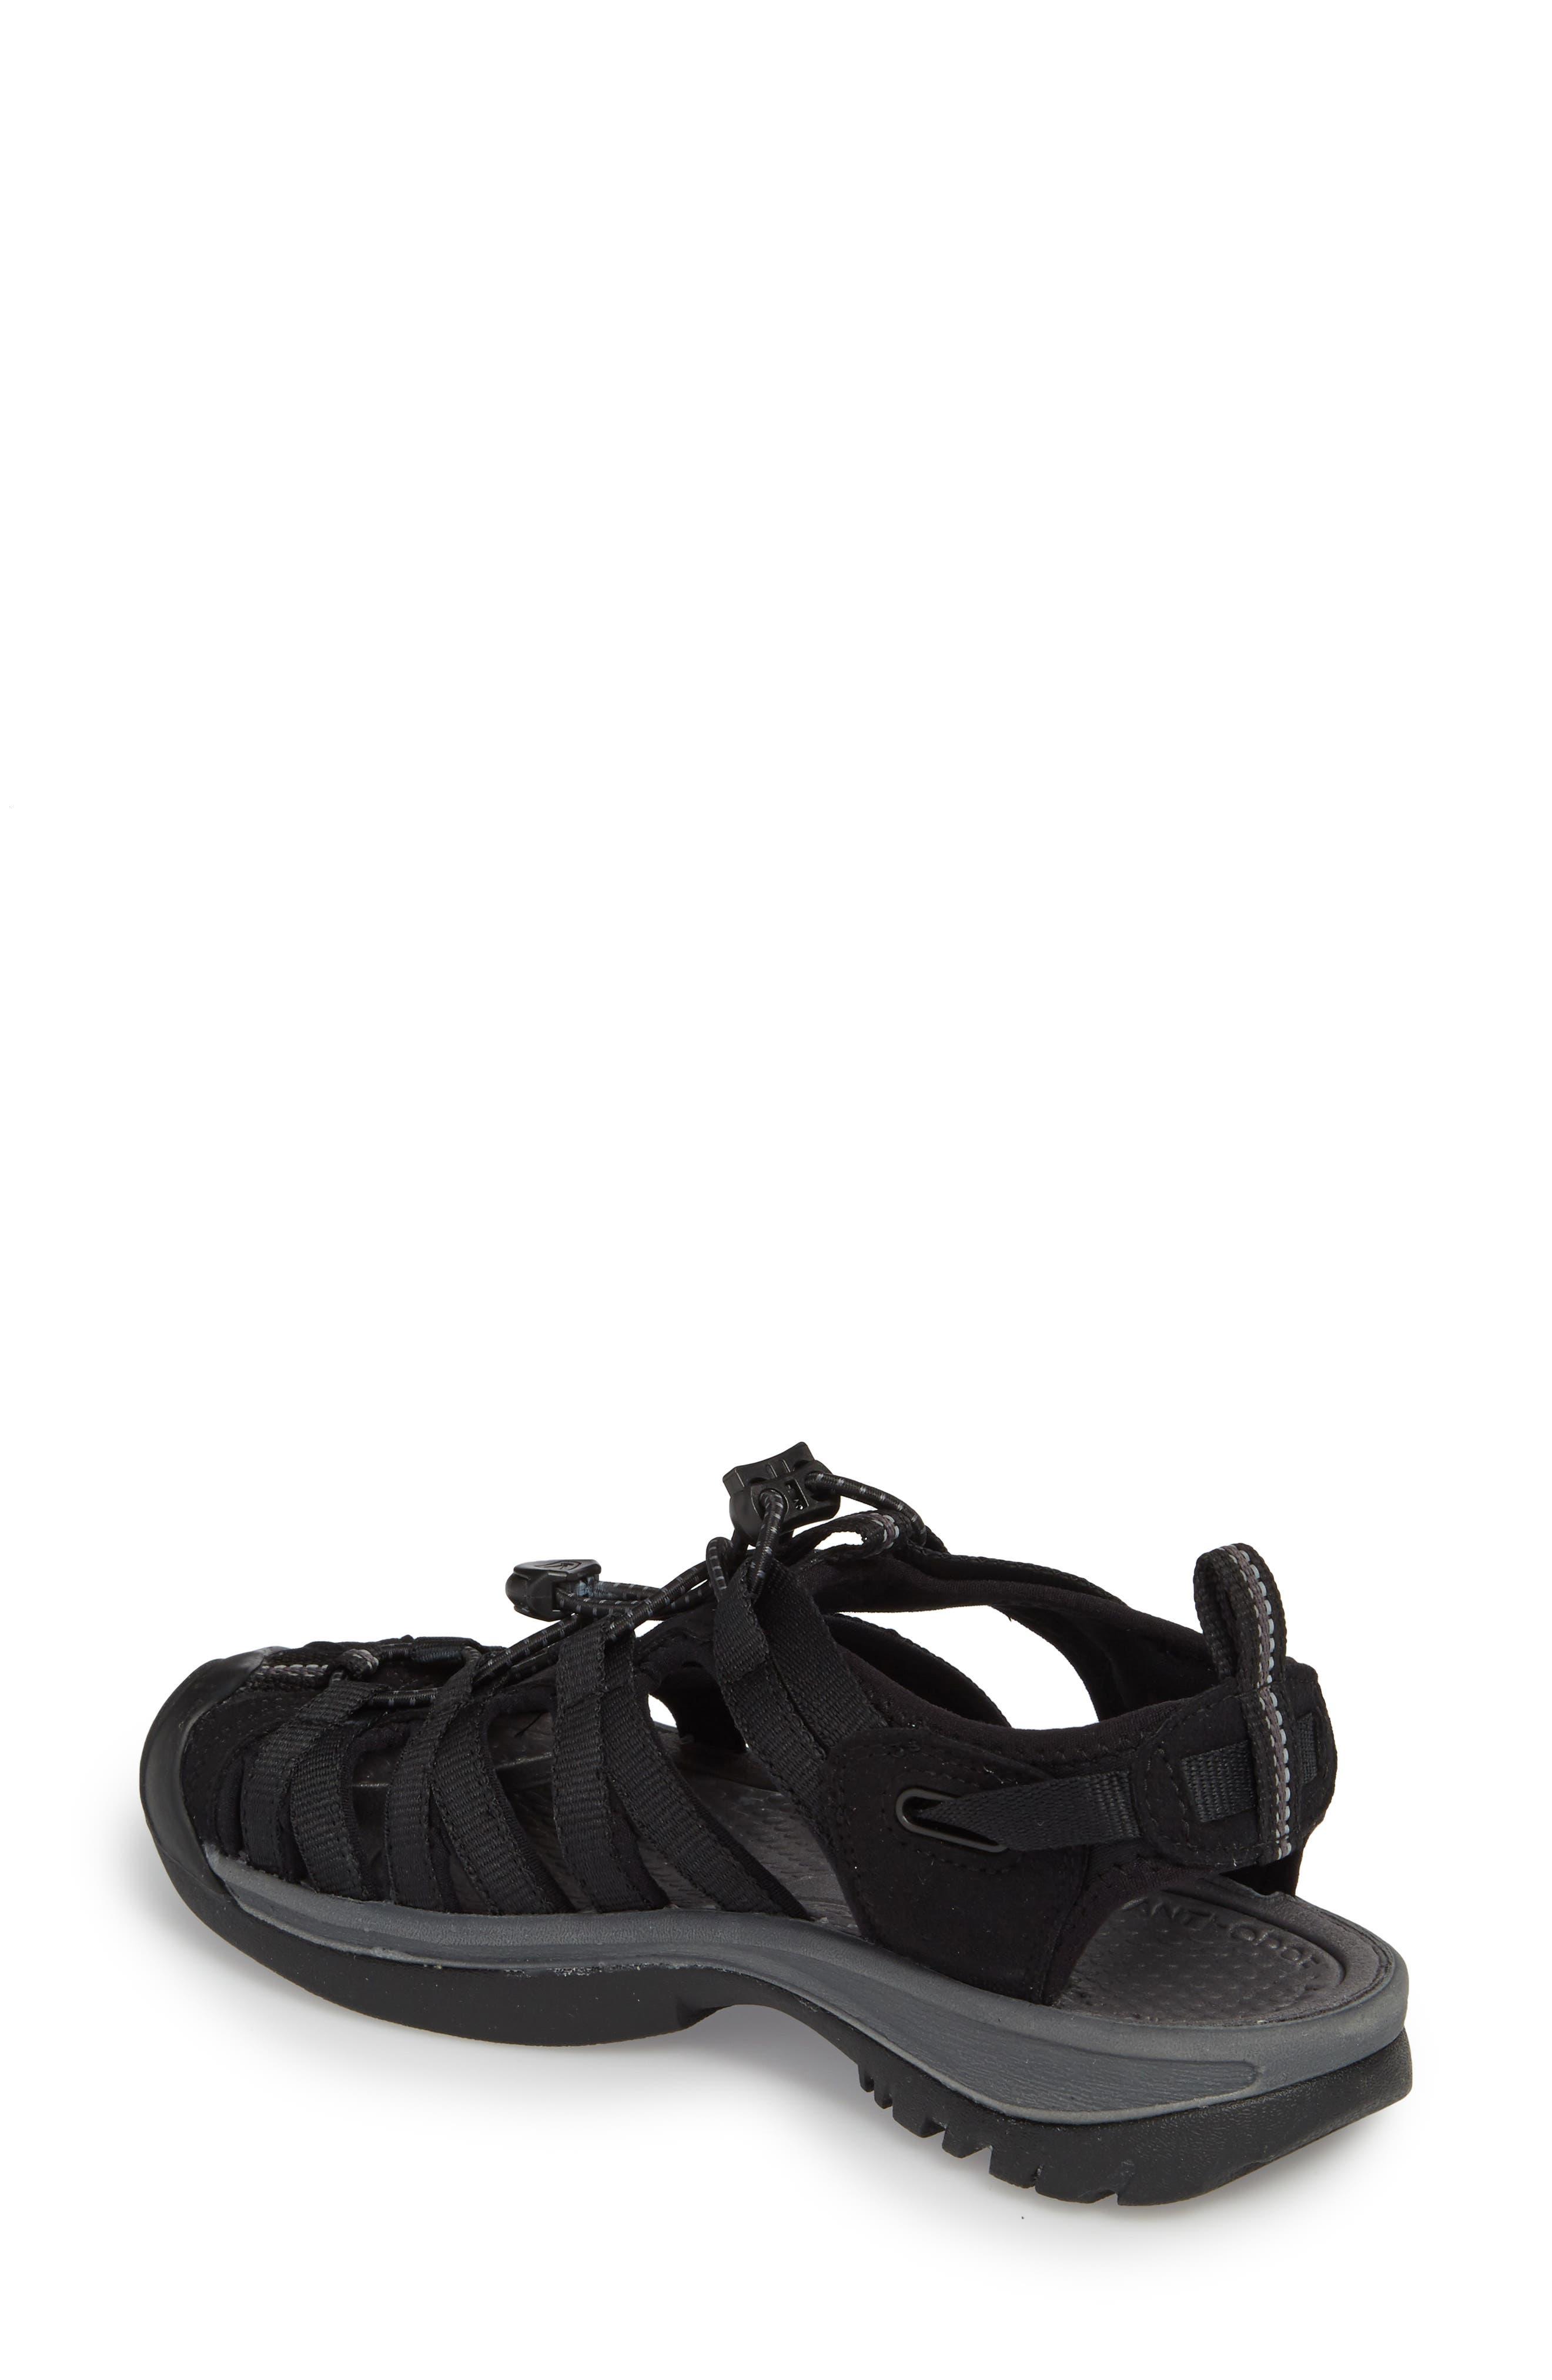 'Whisper' Water Friendly Sport Sandal,                             Alternate thumbnail 2, color,                             BLACK/ MAGNET